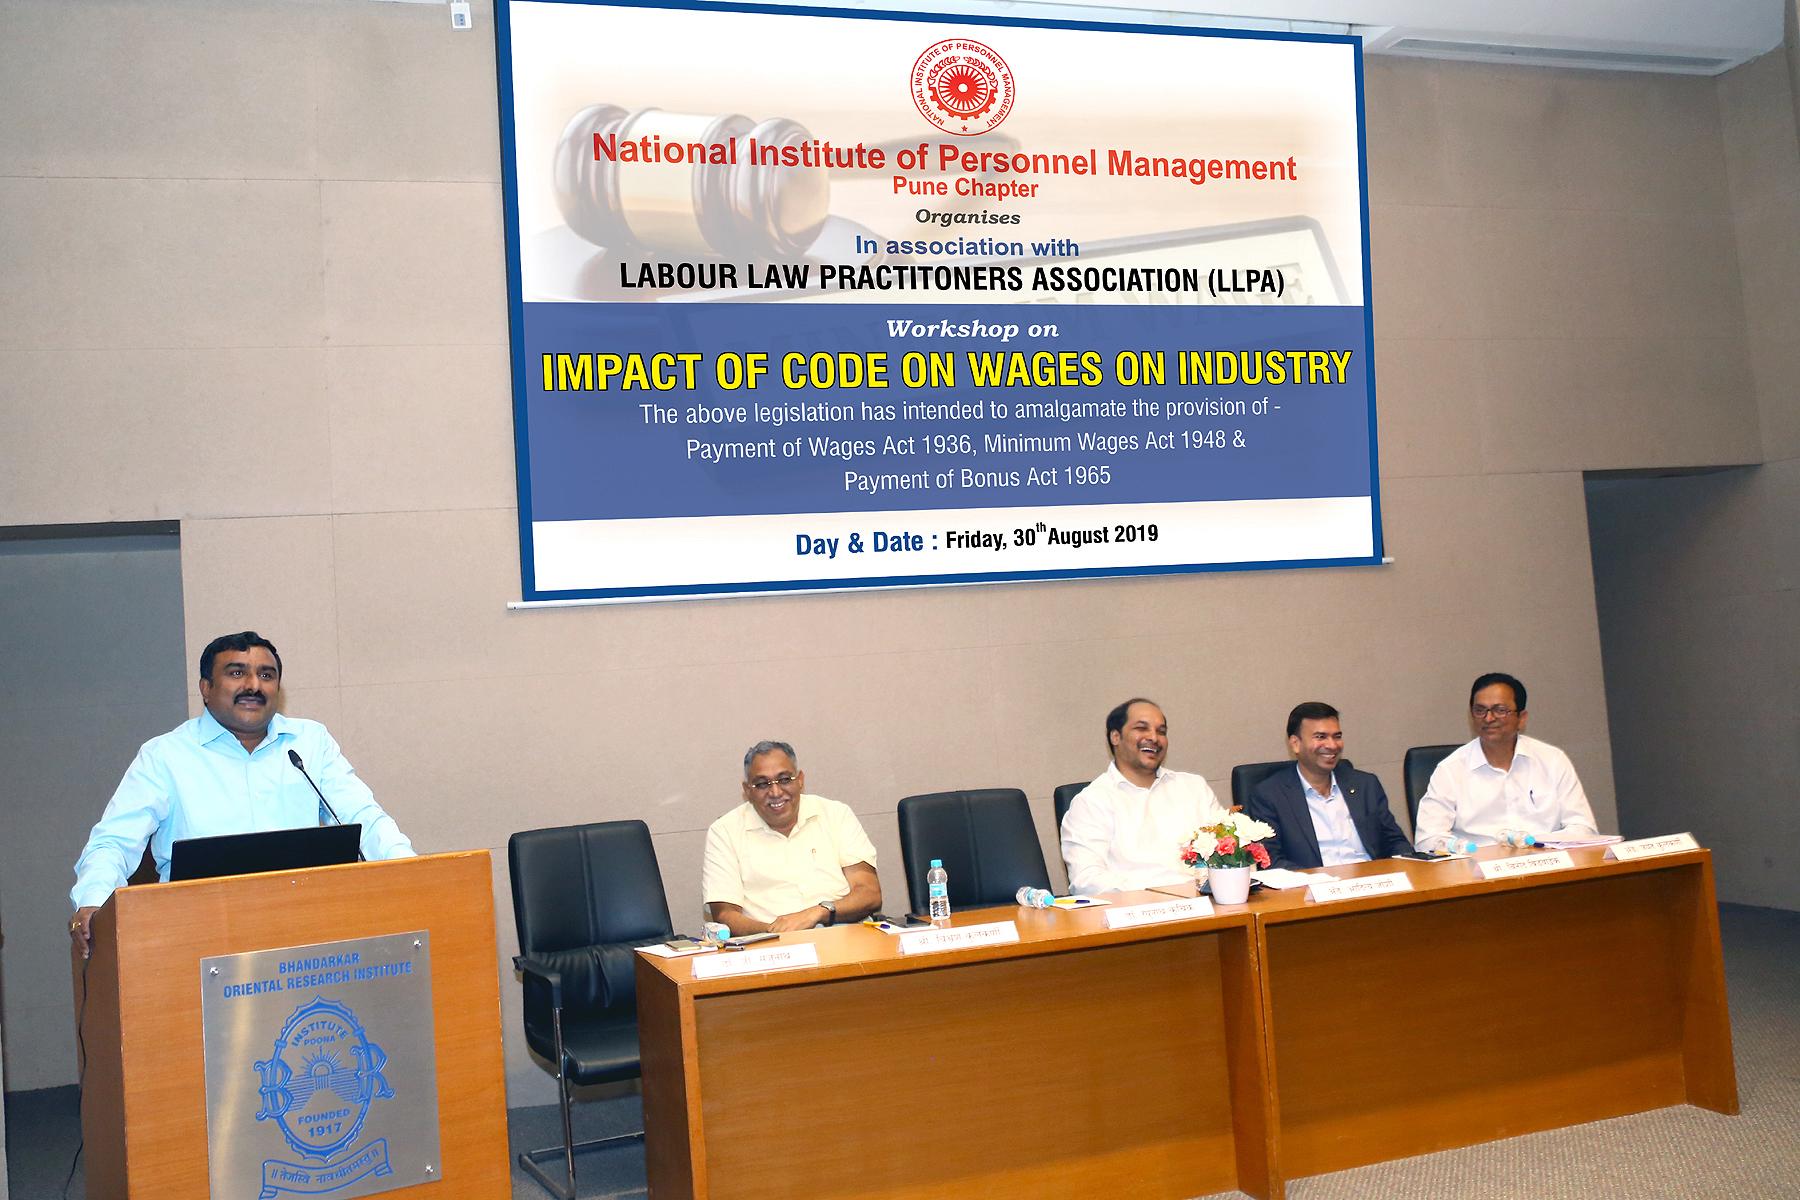 असंघटित कामगारांच्या हितासाठीचा  केंद्रसरकार्च्यावतीने नवा वेतन  कायदा अस्तित्वात - डॉ. मंजुनाथ